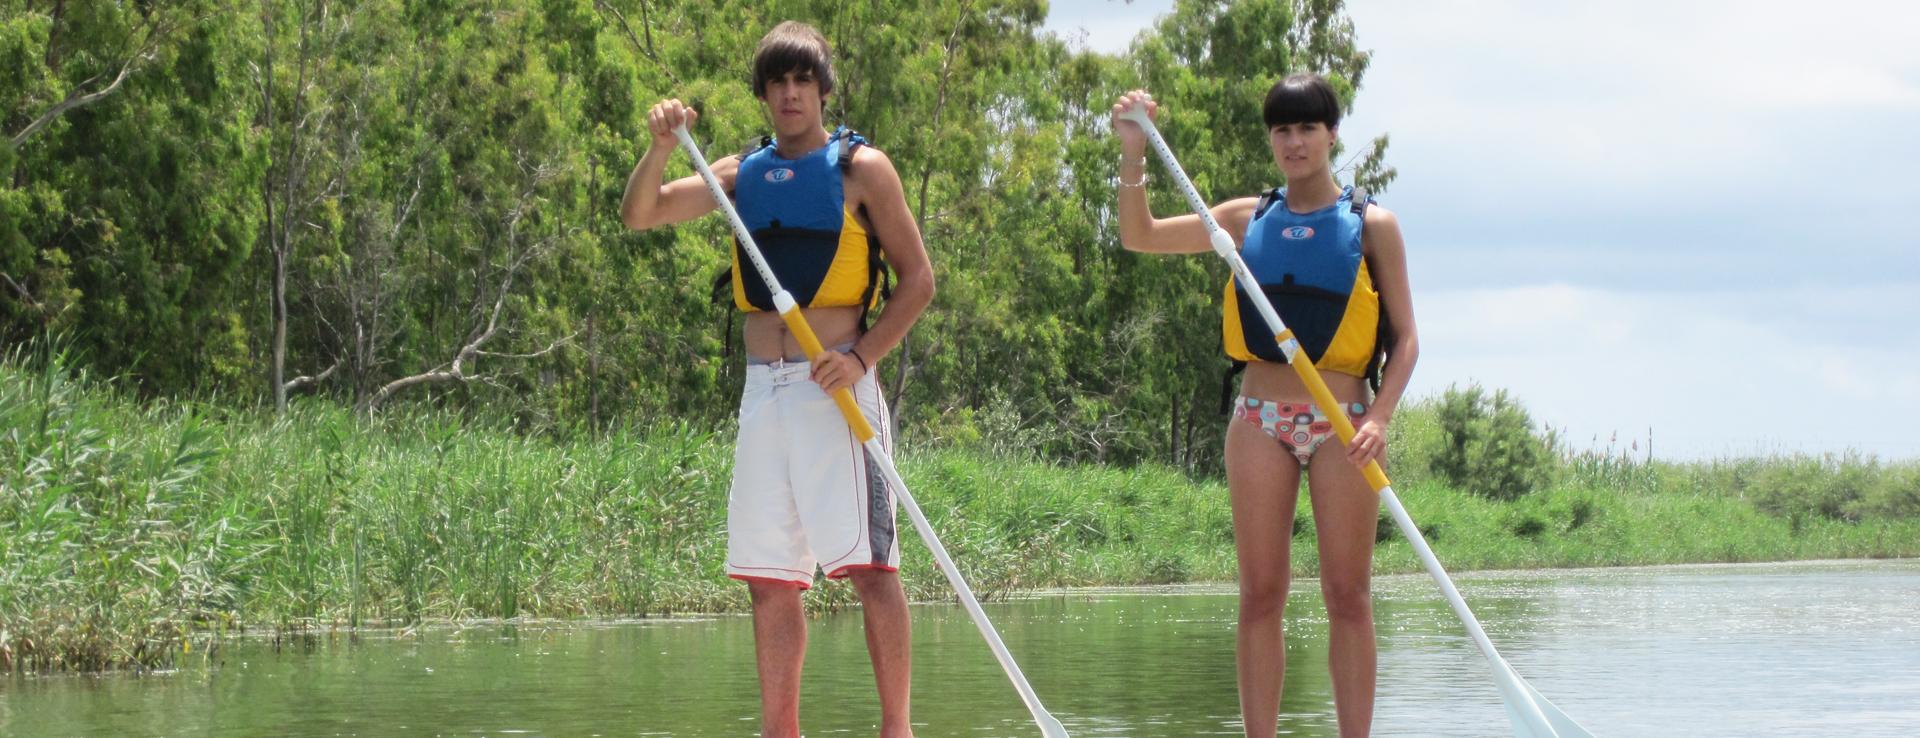 Práctica Paddle Surf en el Delta del Ebro